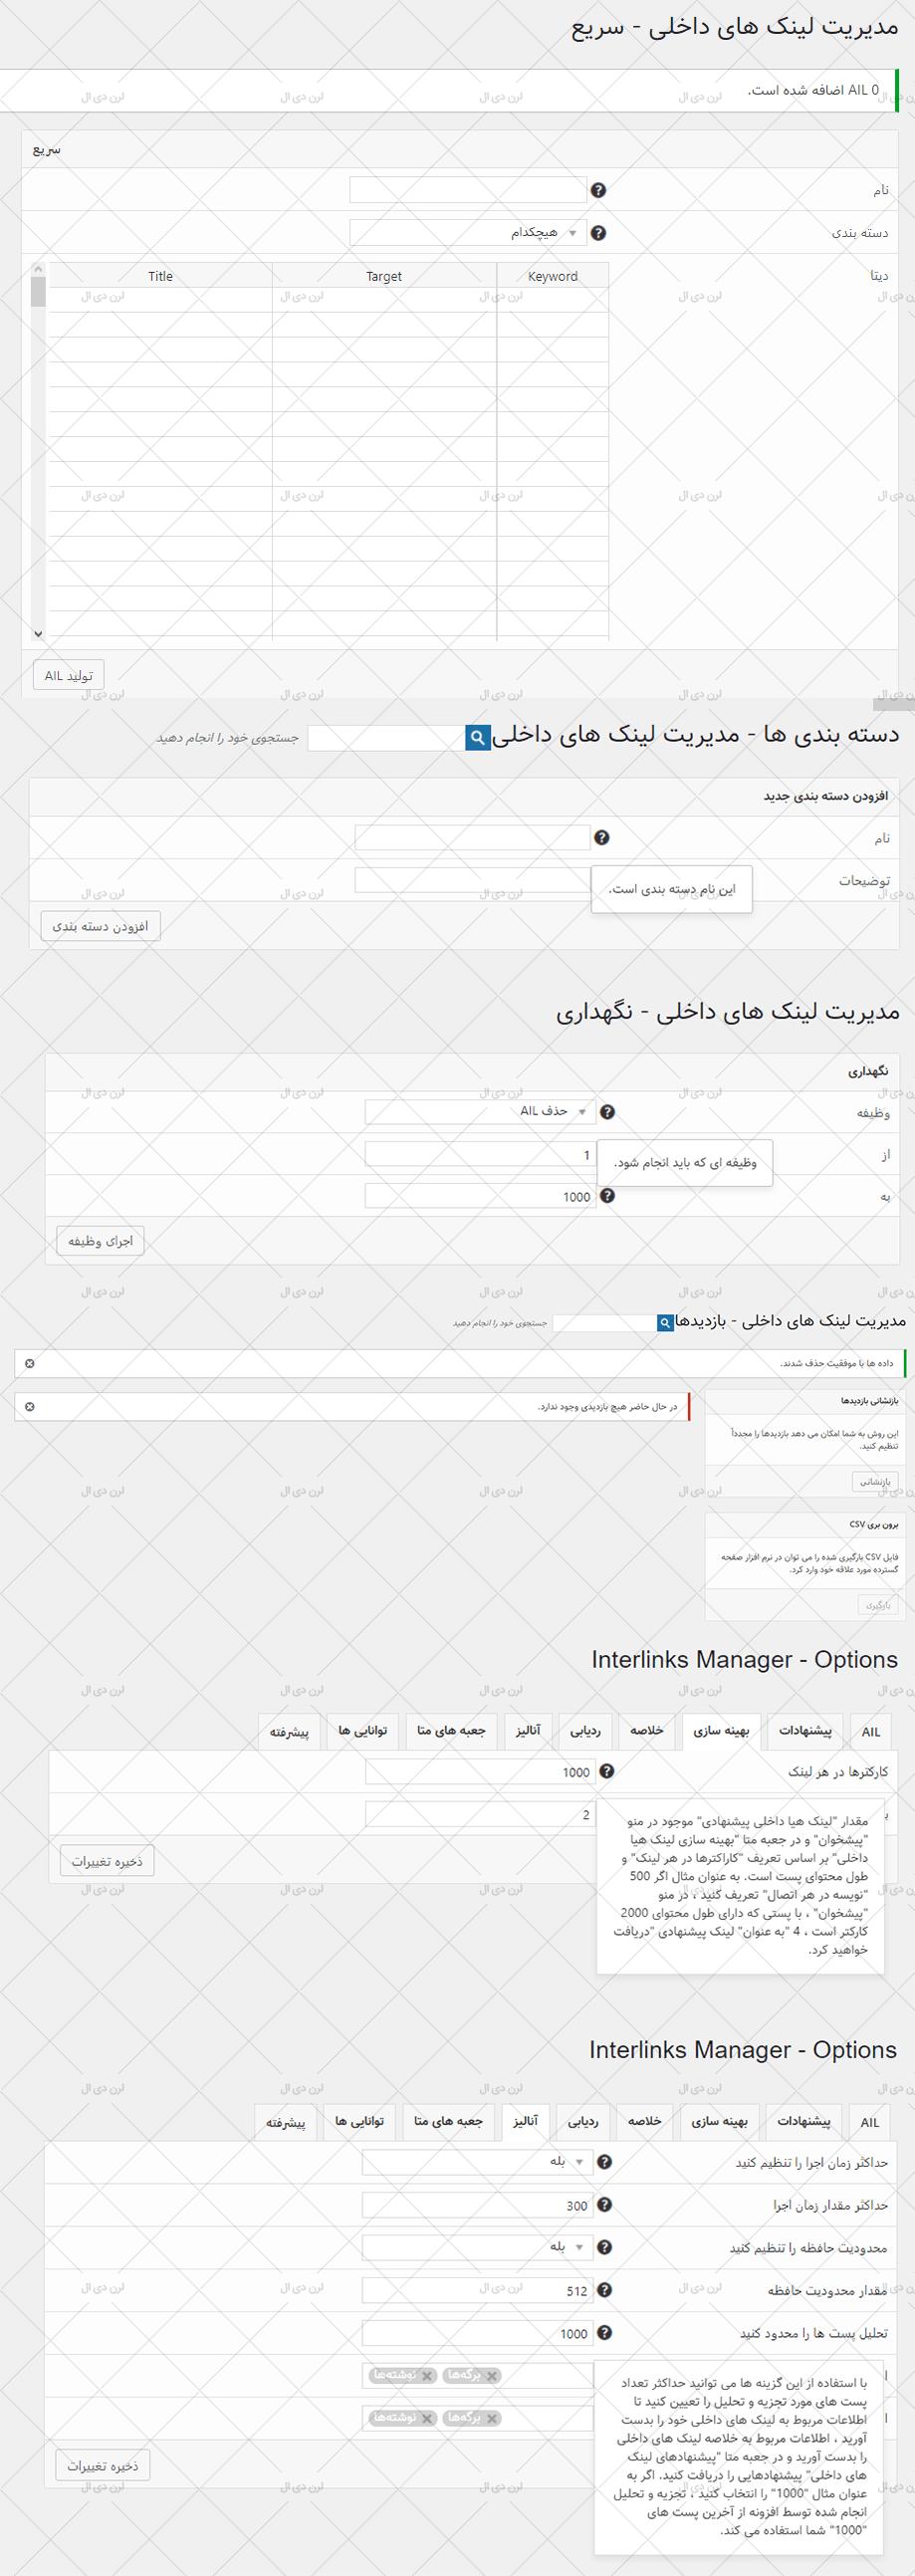 افزونه Interlinks Manager فارسی سازی شده